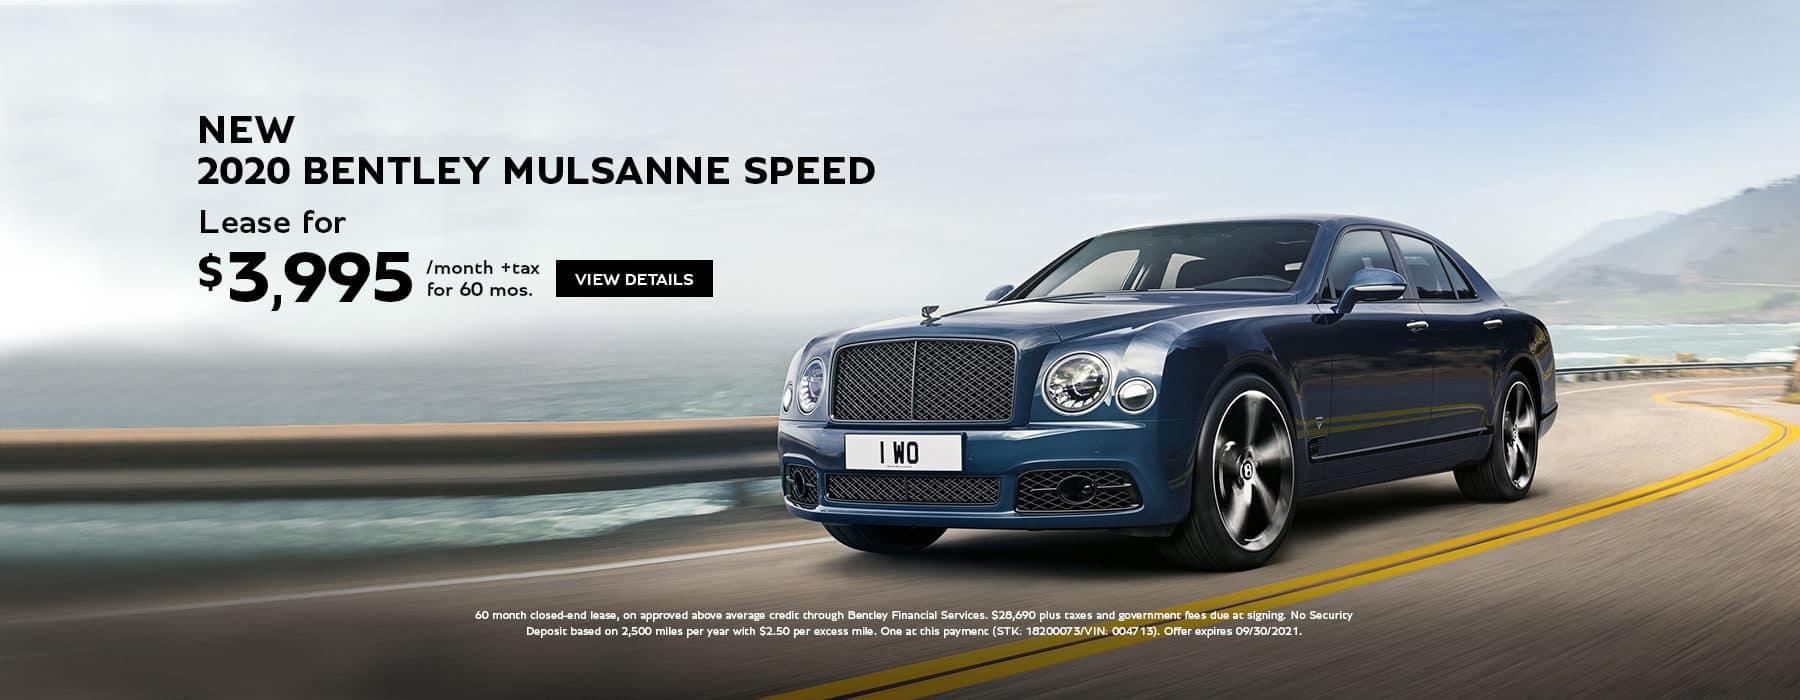 Bentley Mulsanne slider